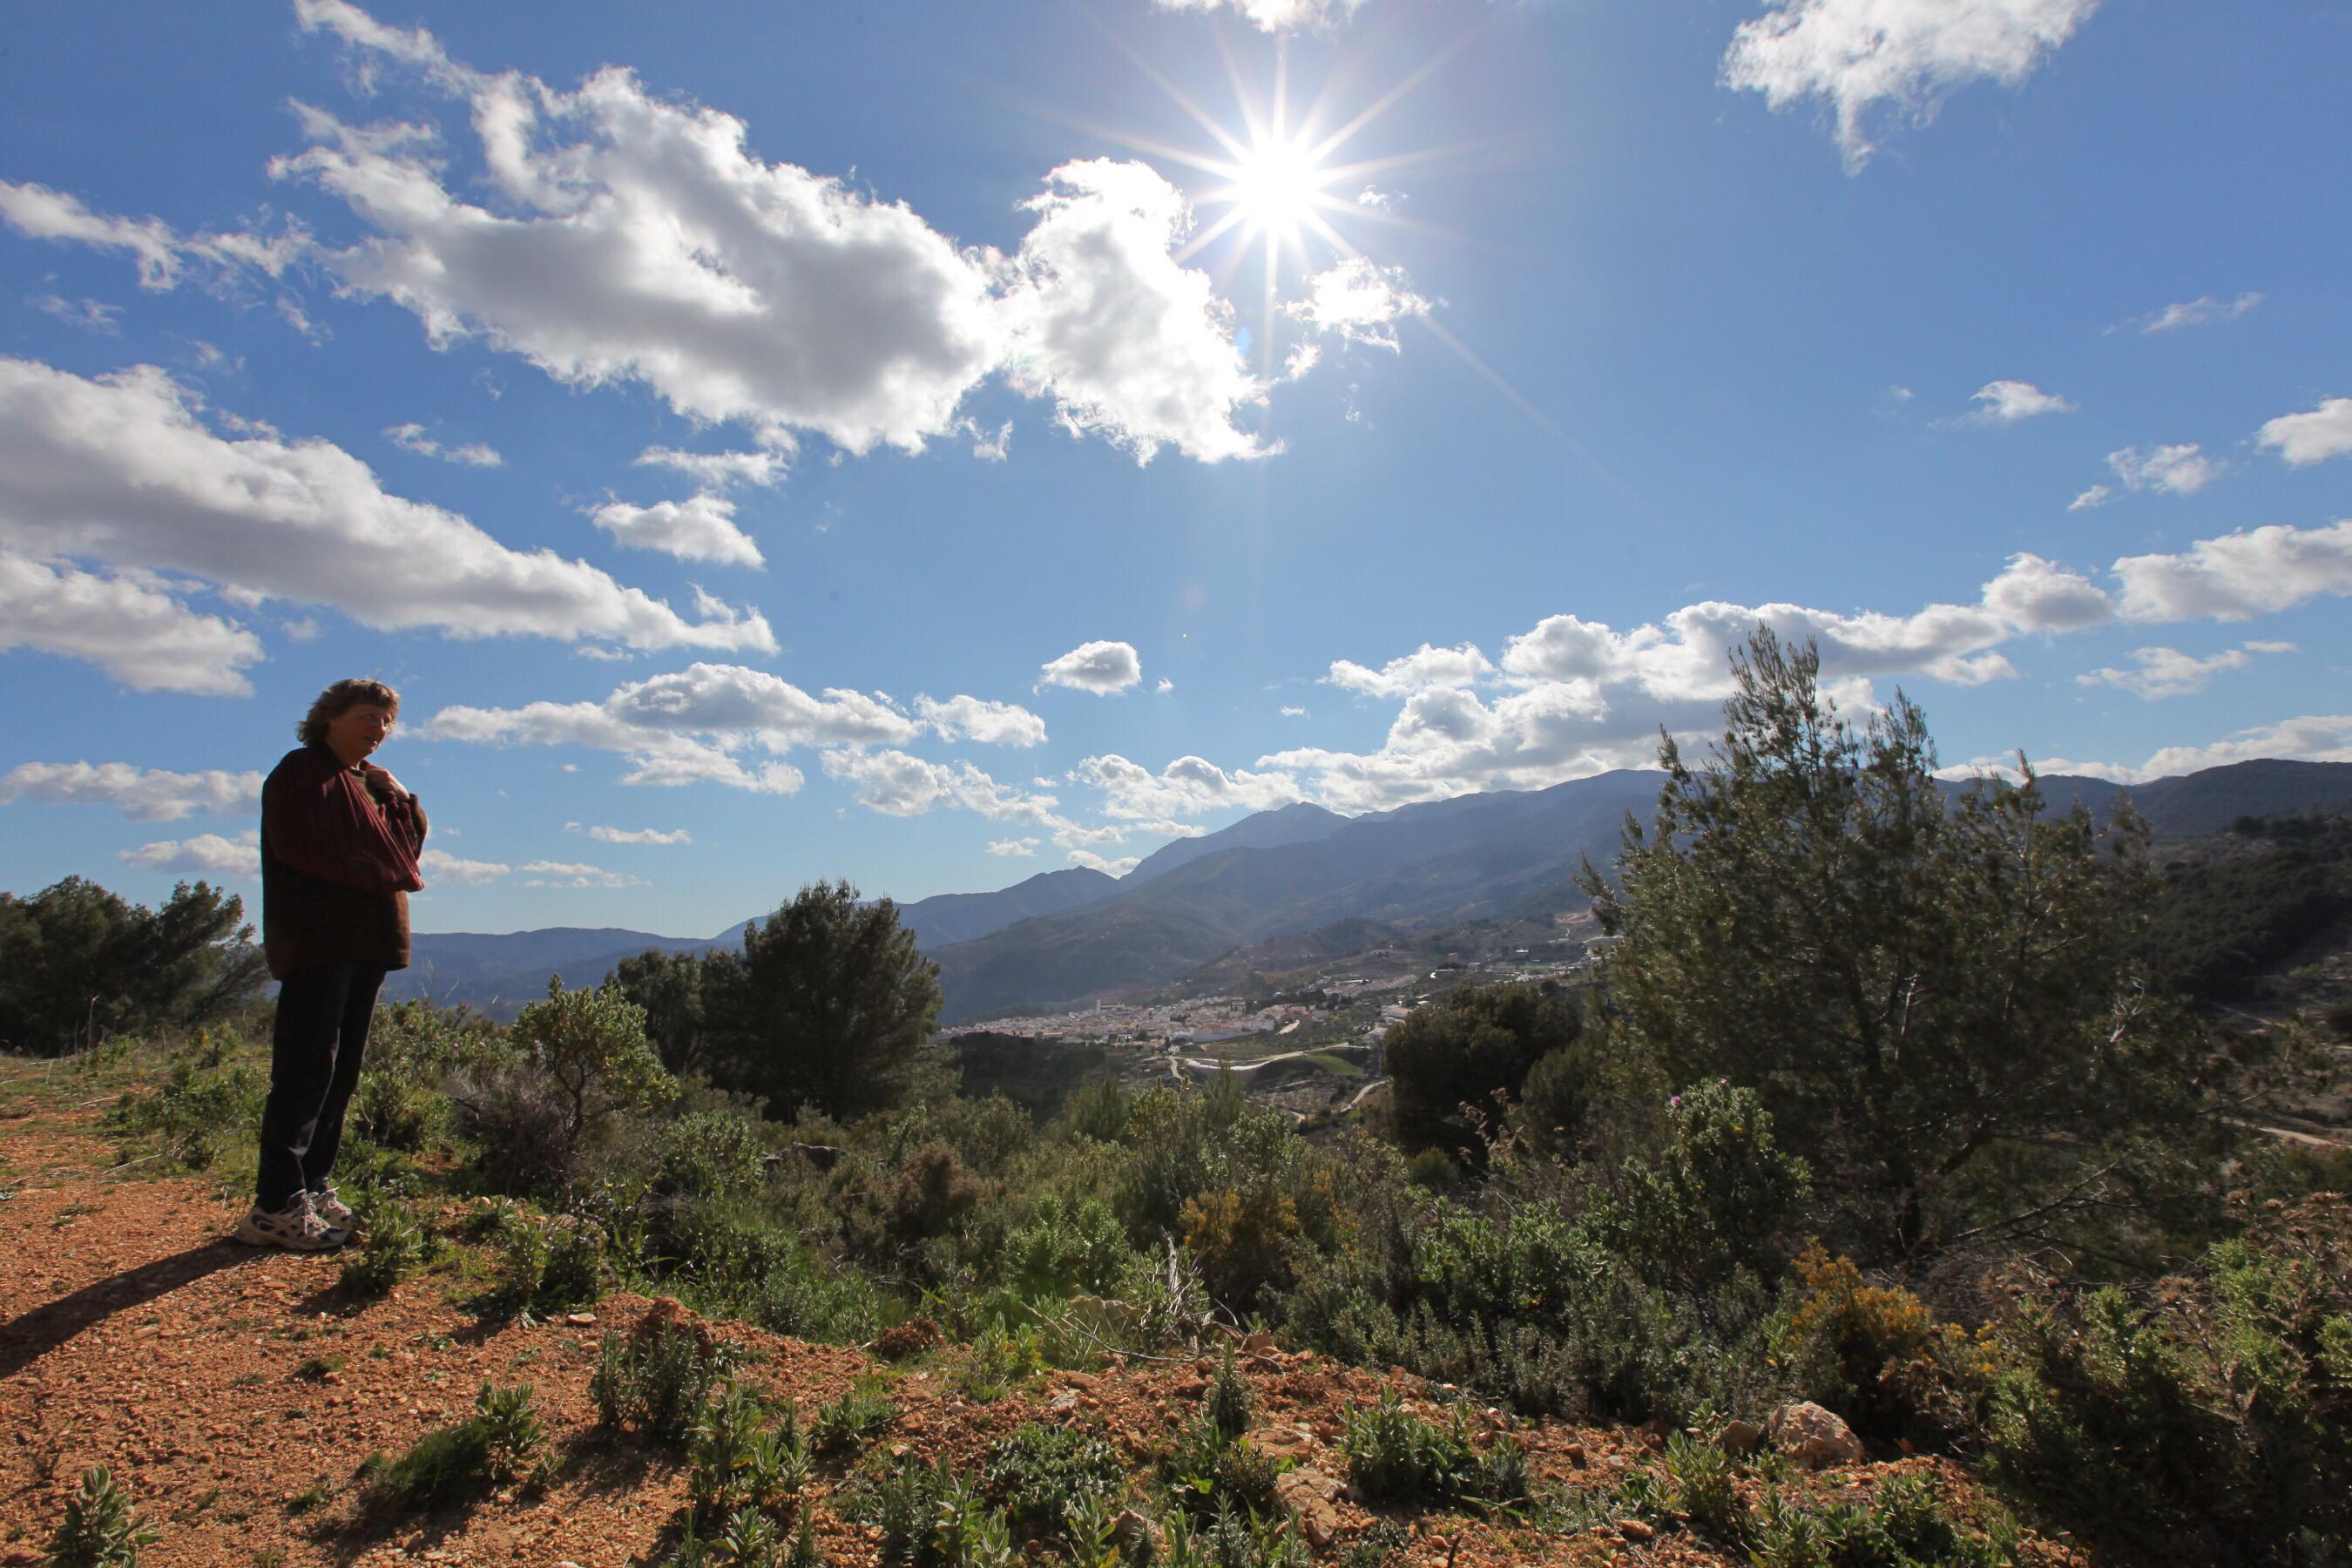 En tur fra Yunquera op mod Cabrilla